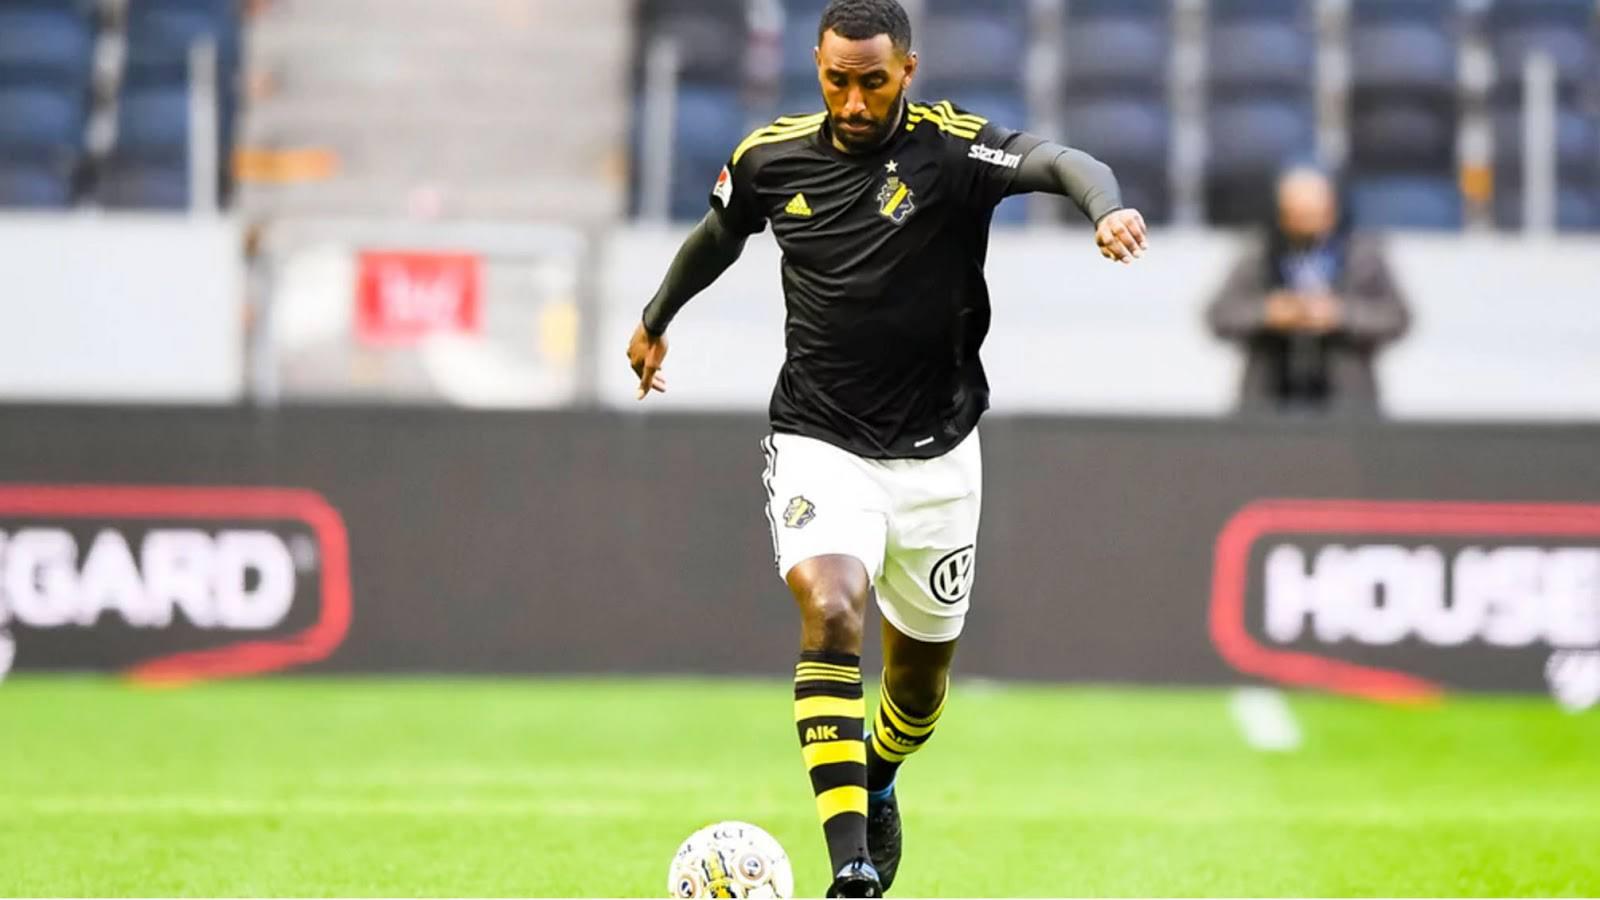 Eskilstuna AIK Maçı İddaa Tahmini 4 Haziran 2017